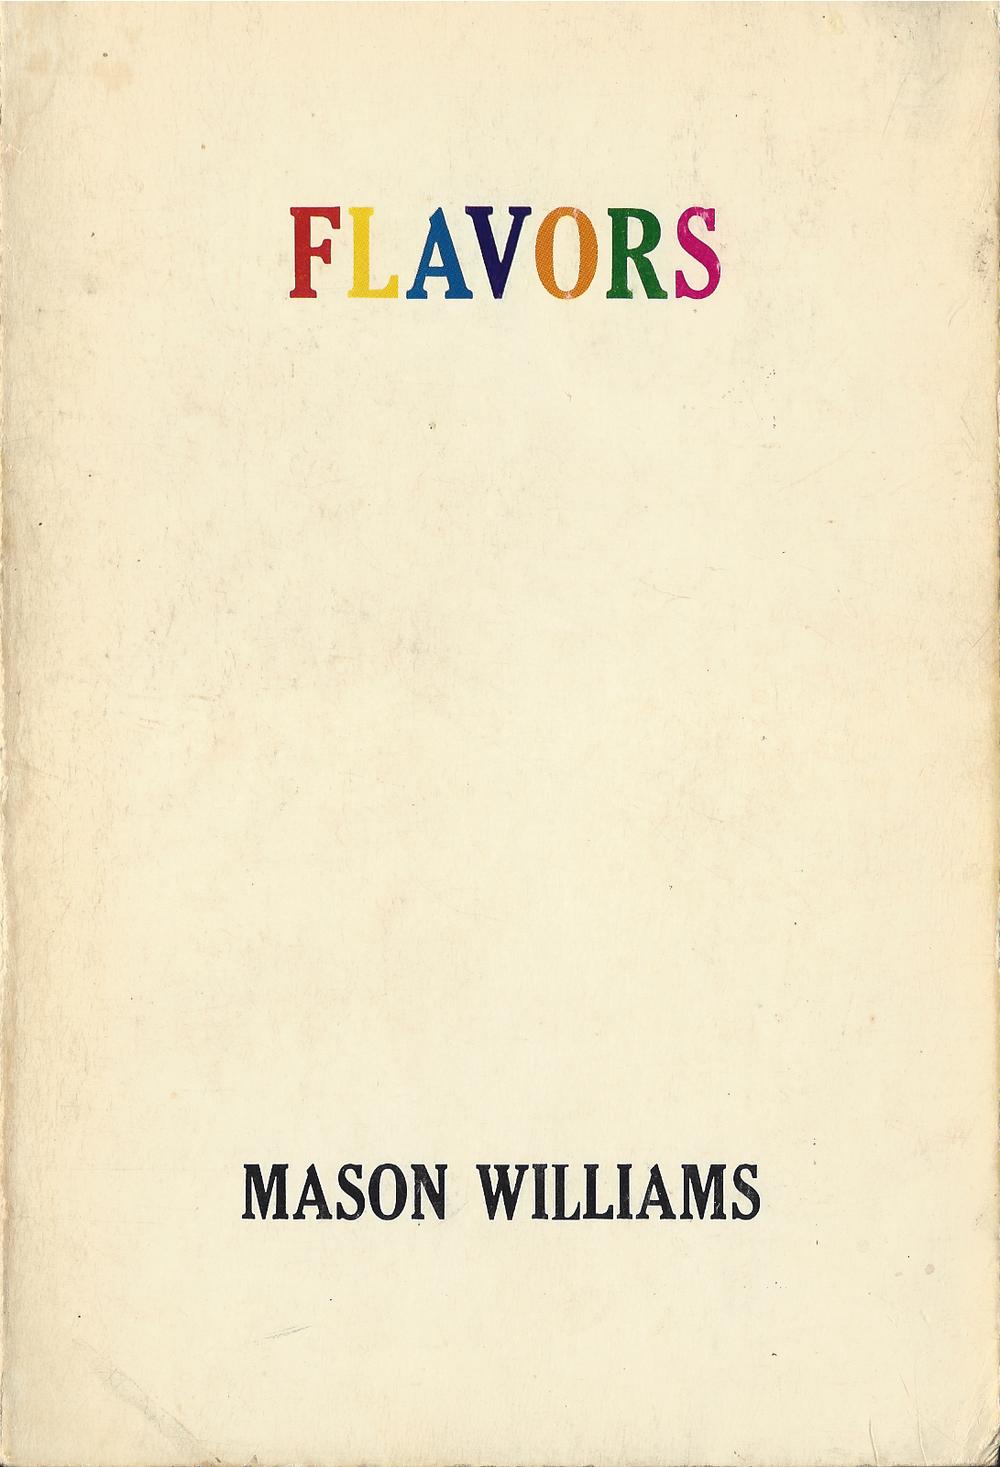 FlavorsCover.jpg